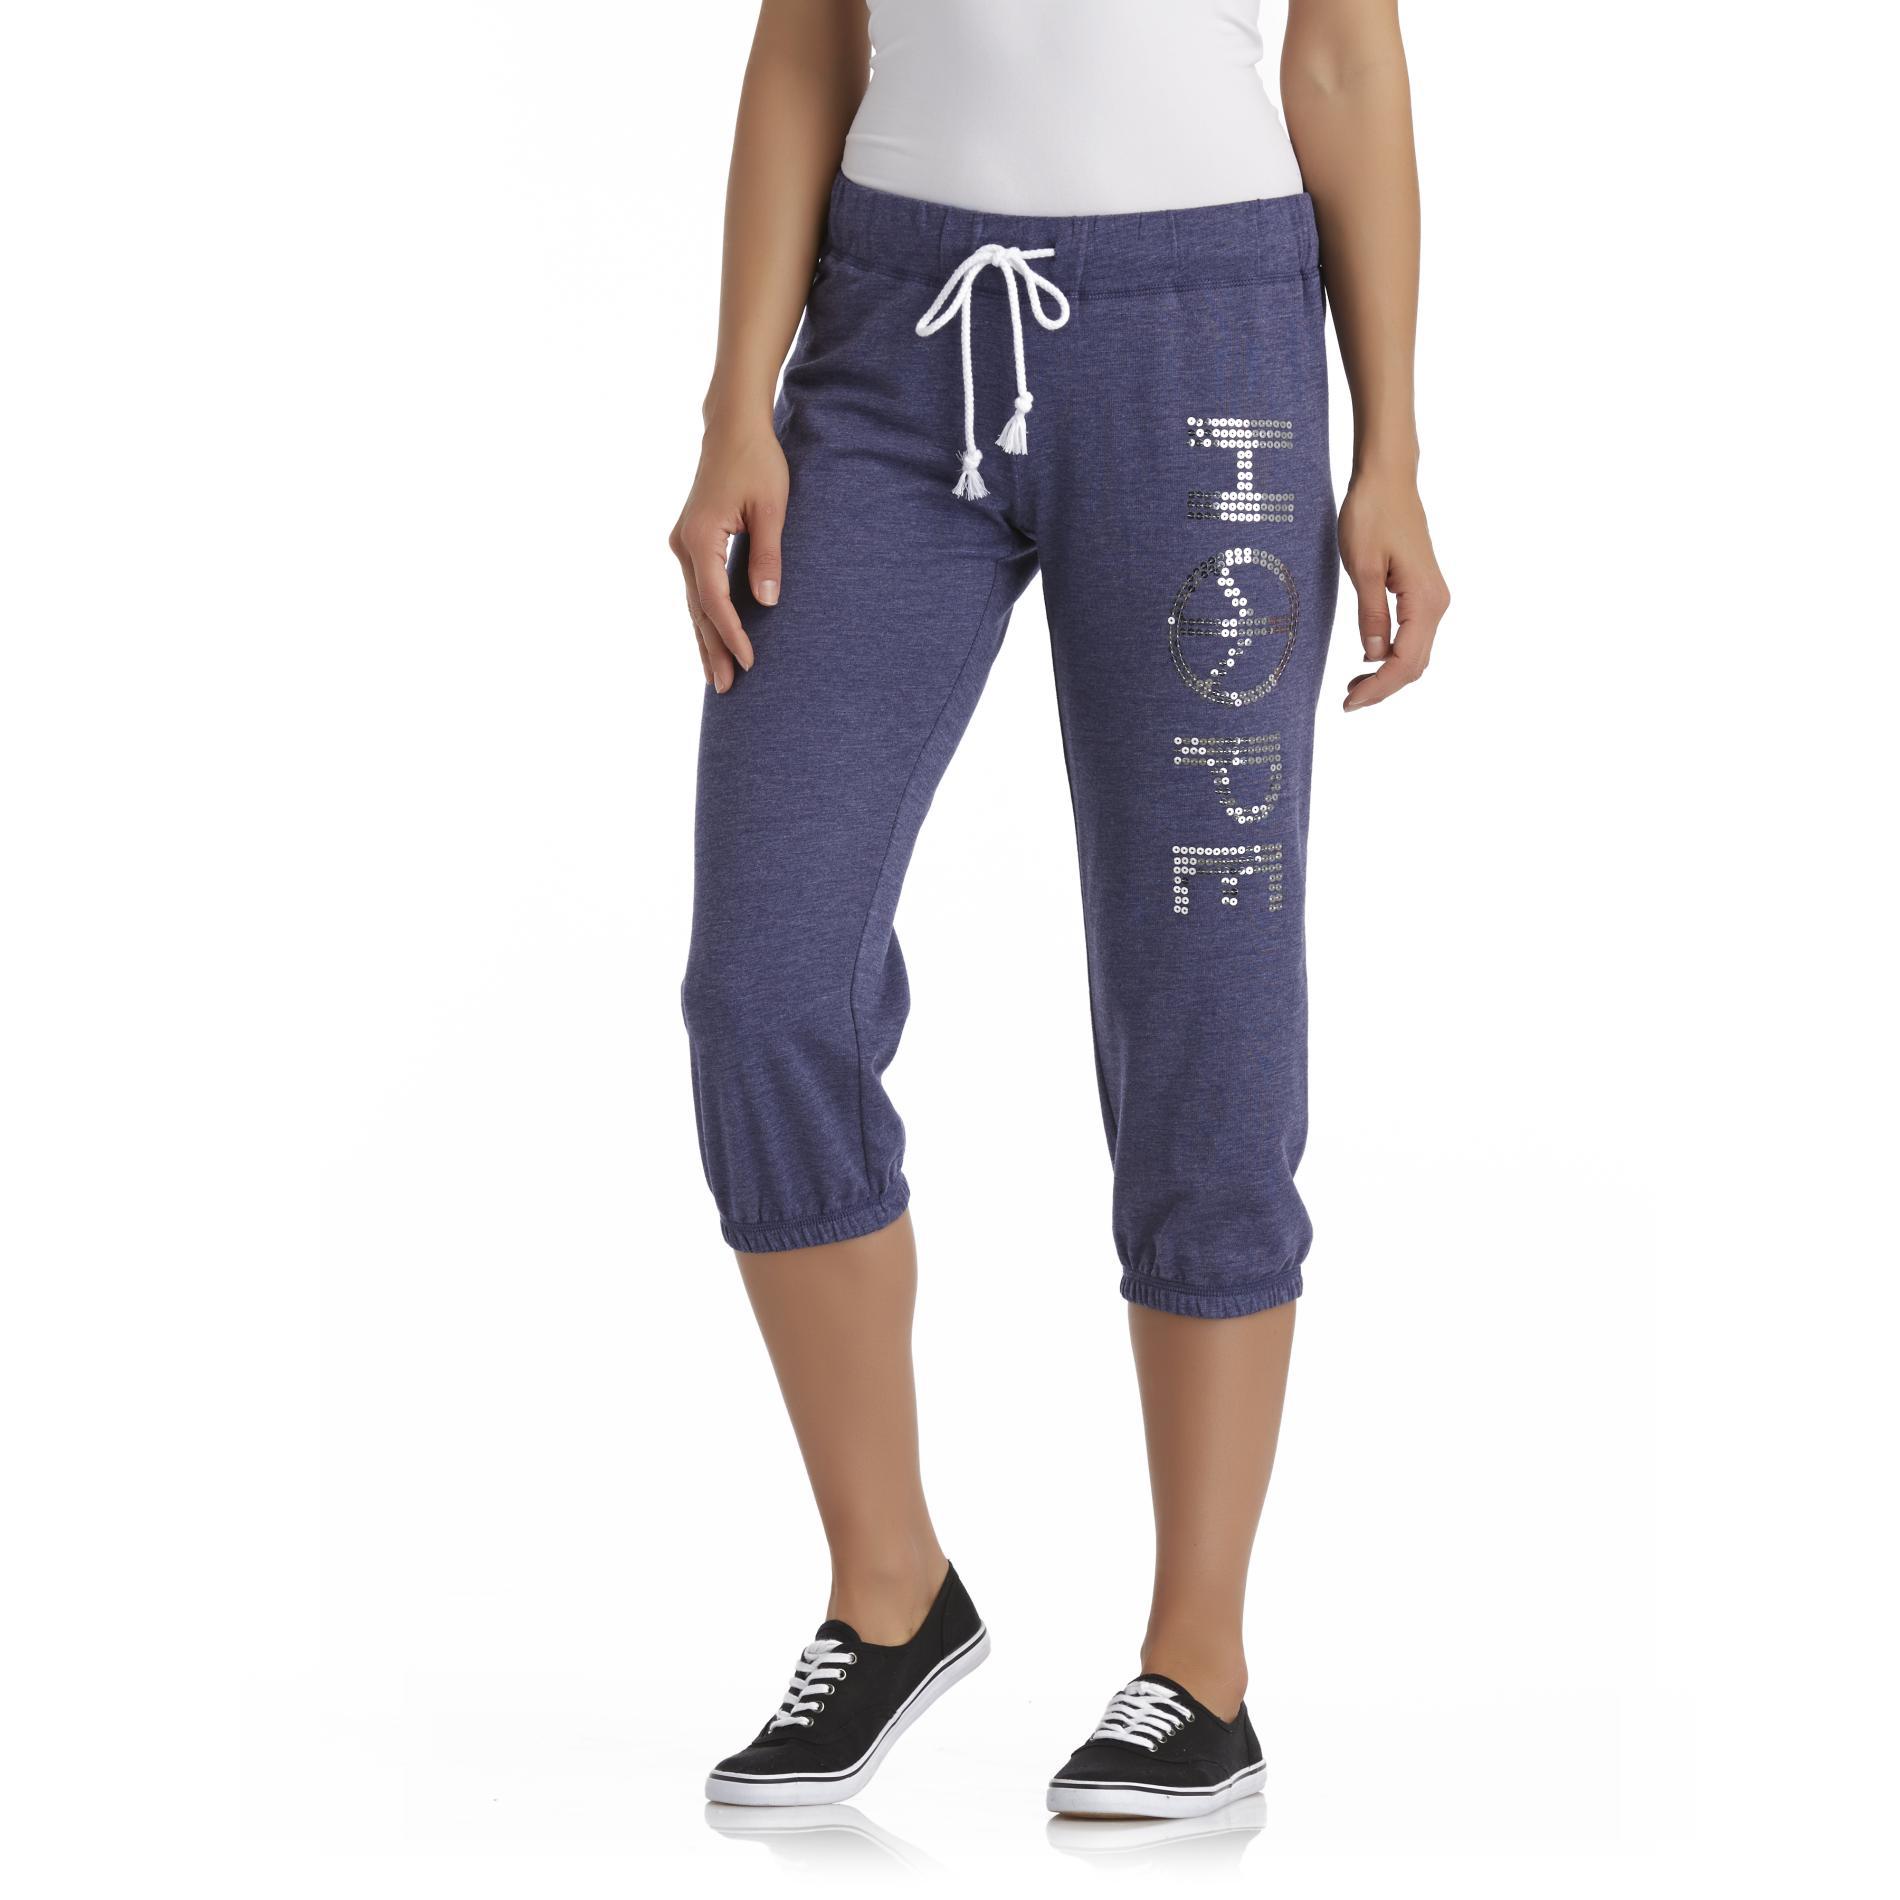 Joe Boxer Women's Cropped Knit Pants at Sears.com